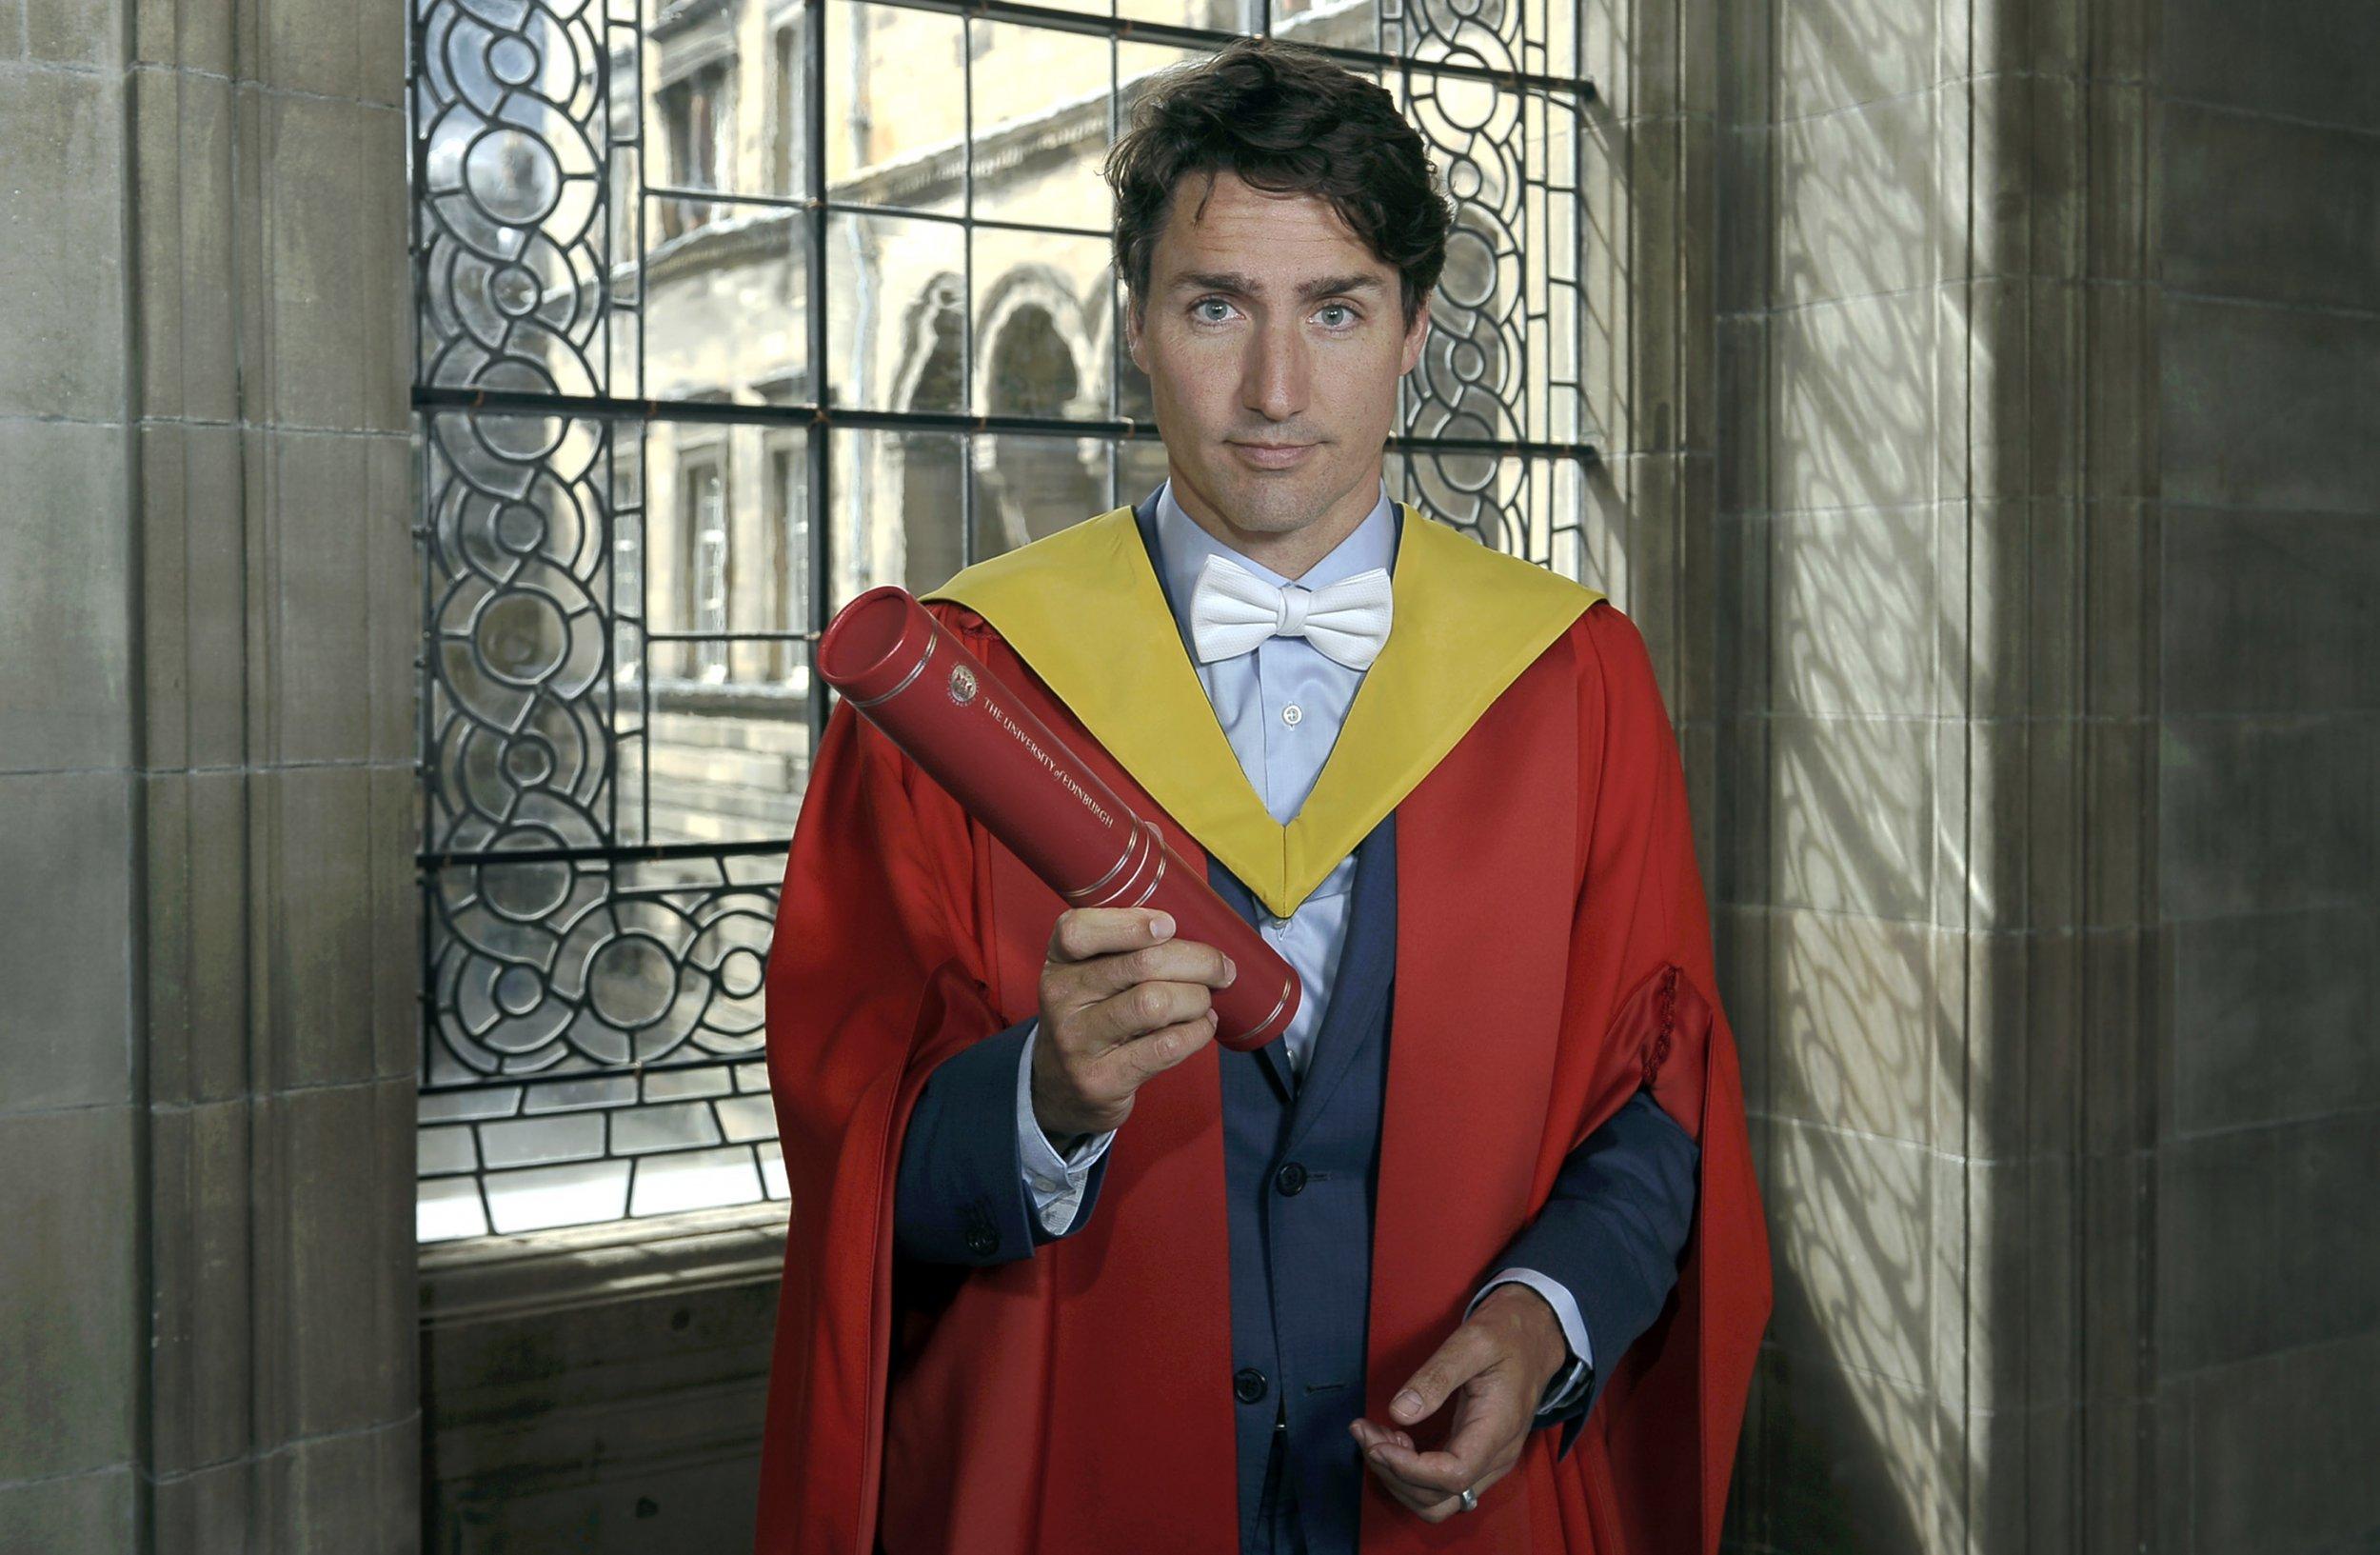 Justin Trudeau degree